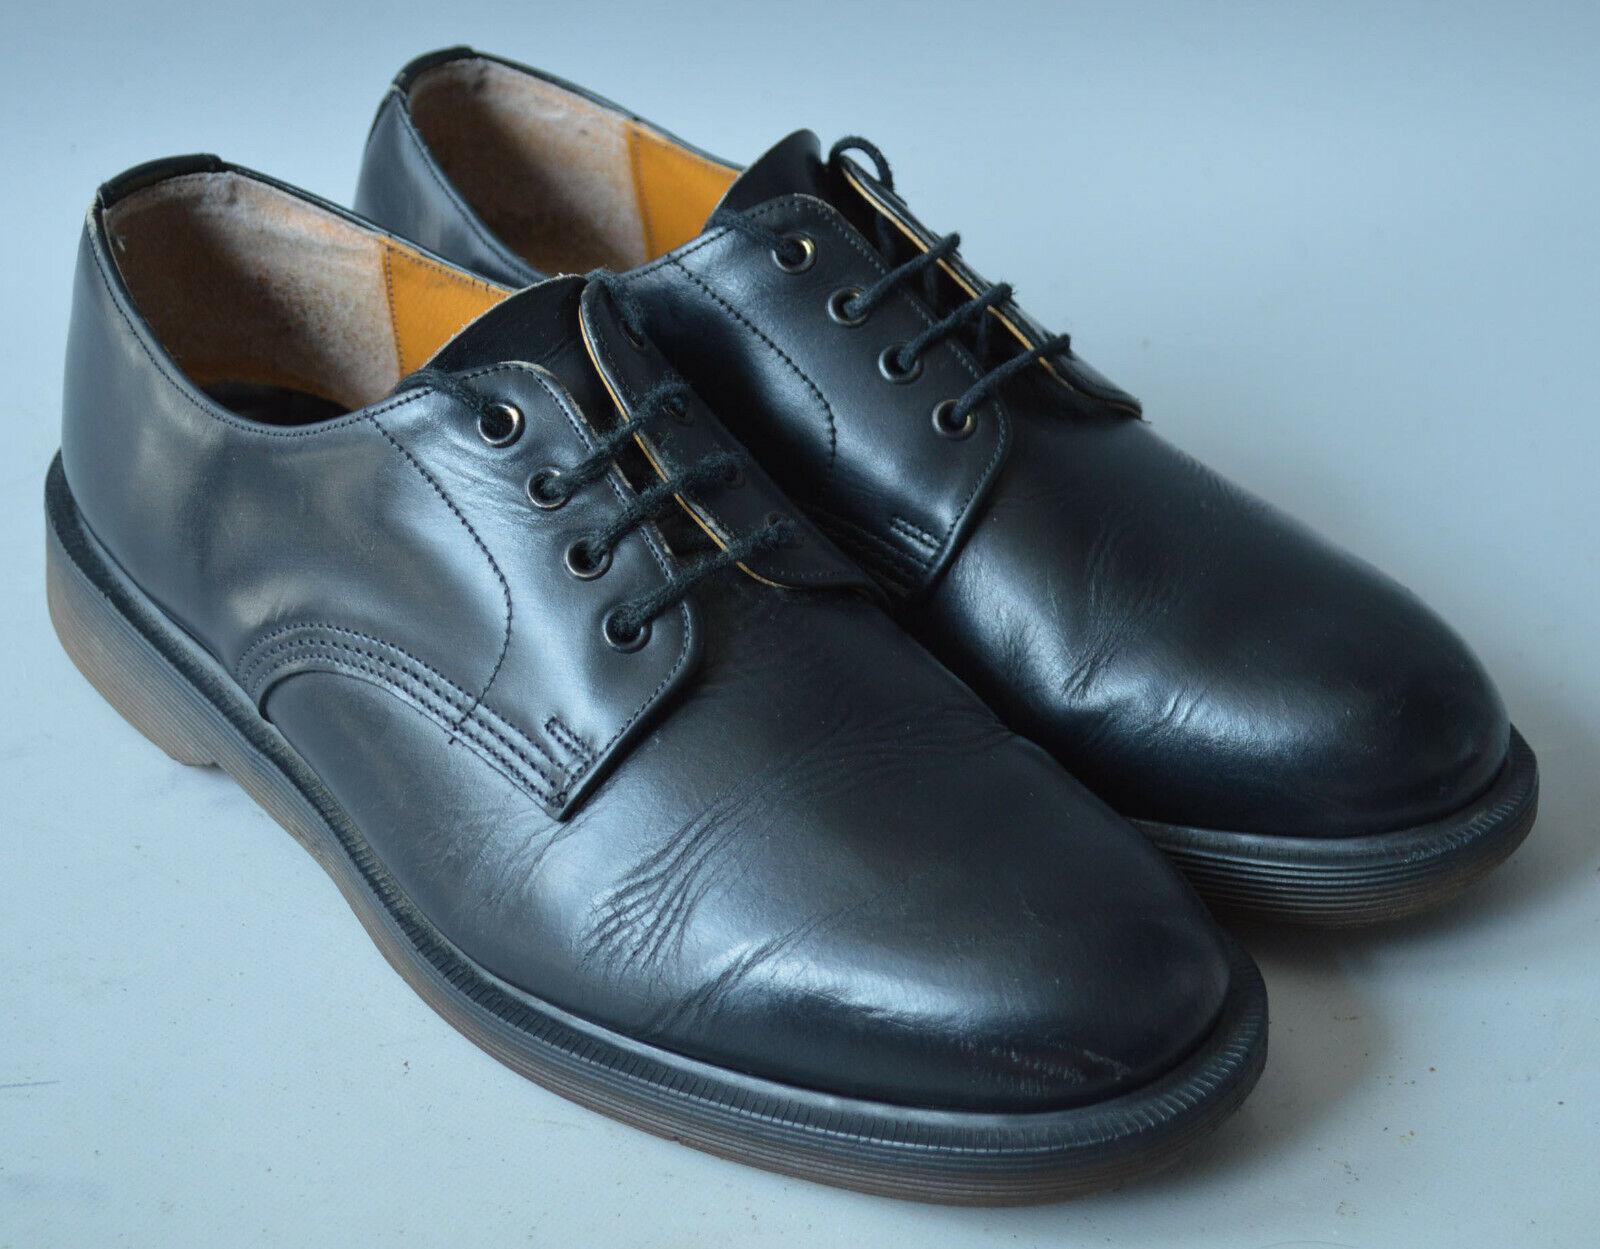 Men's Black Leather Dr Martens Classic Lace Up shoes, Size UK 8, EU 42.